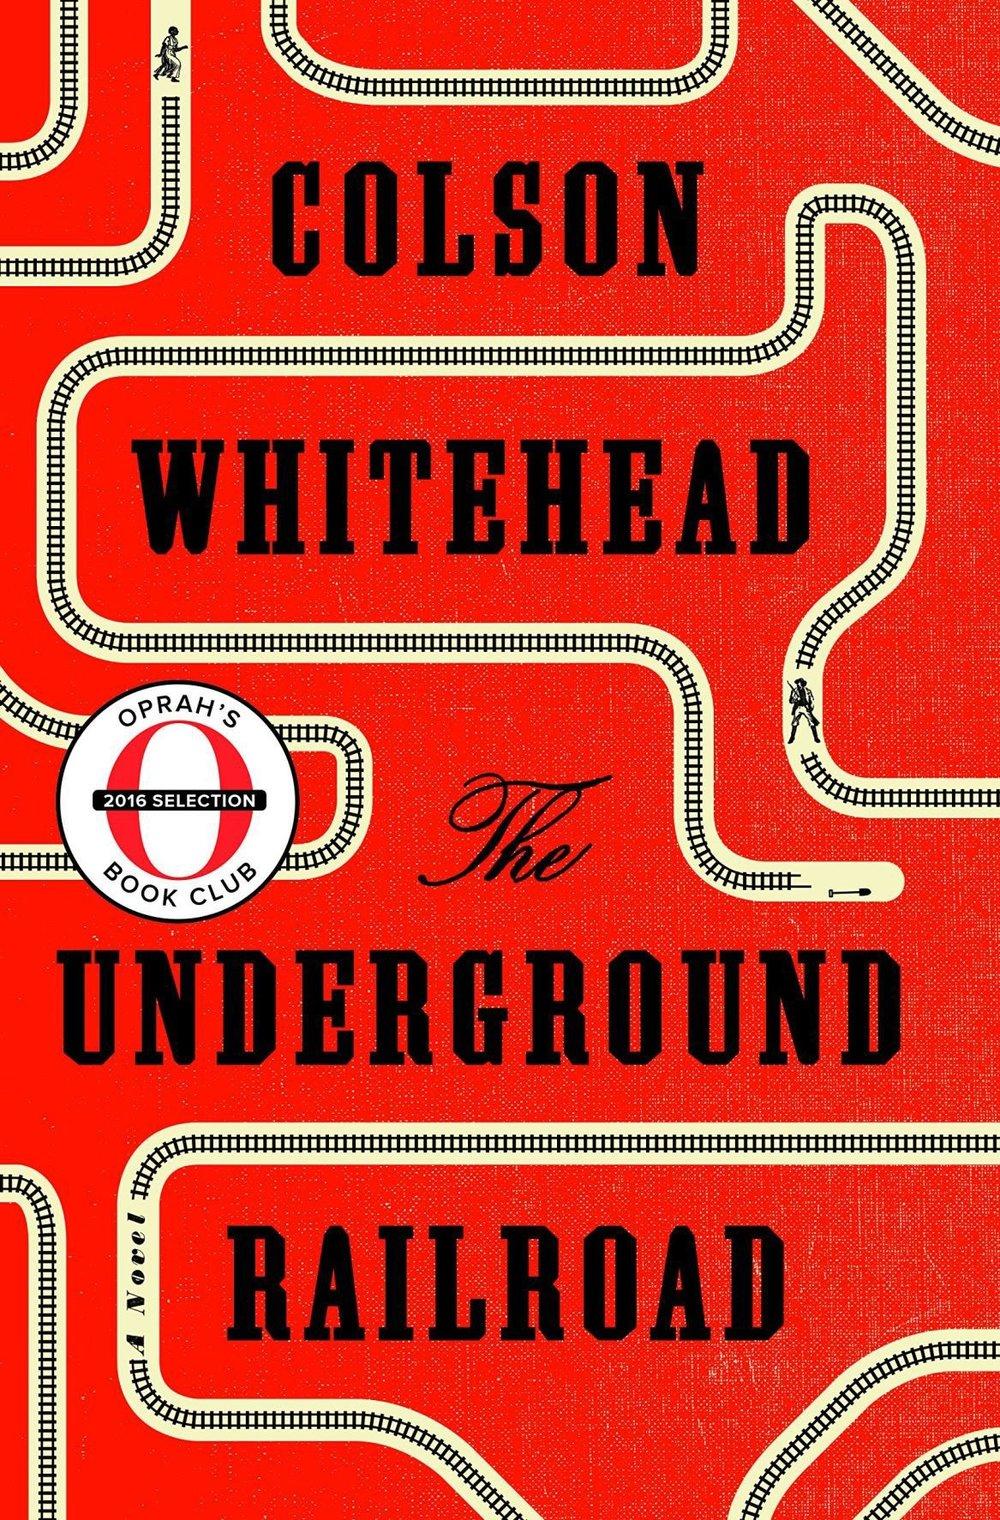 underground raillroad.jpg